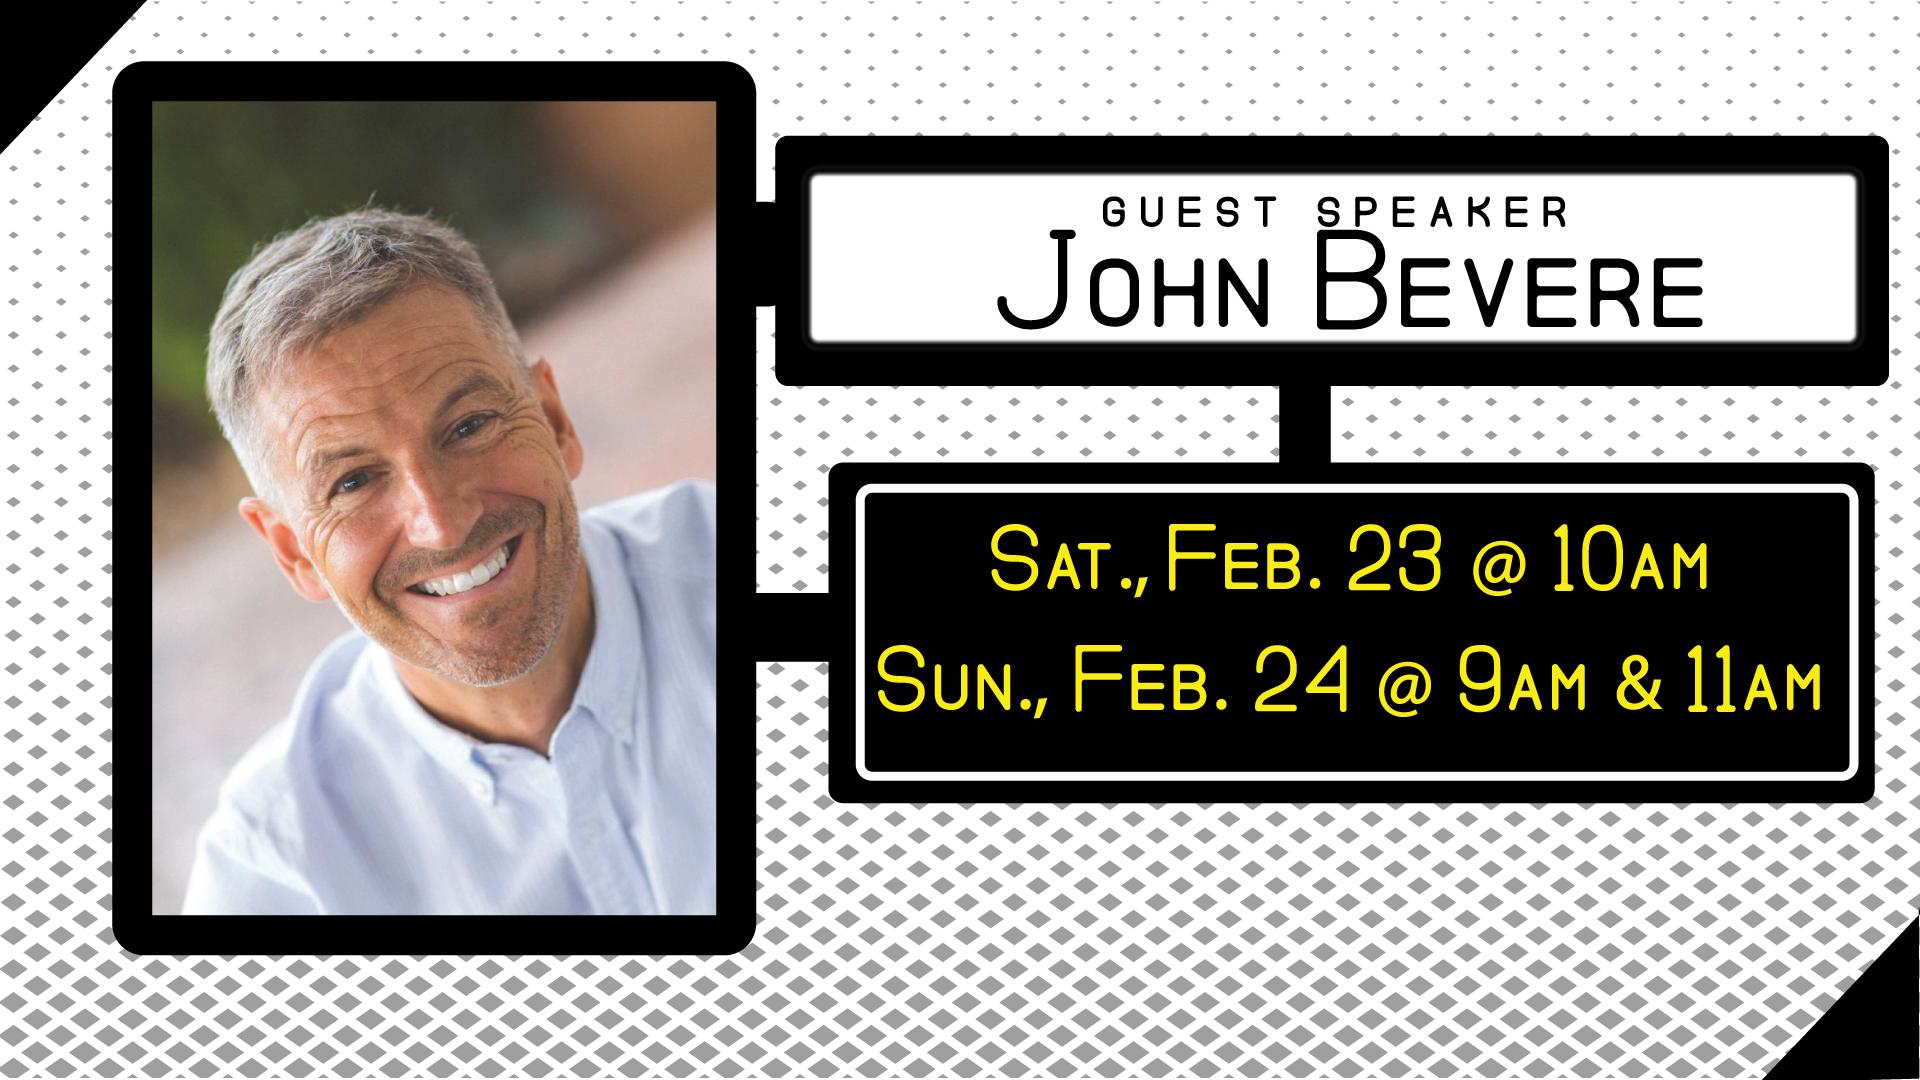 Guest Speaker John Bevere